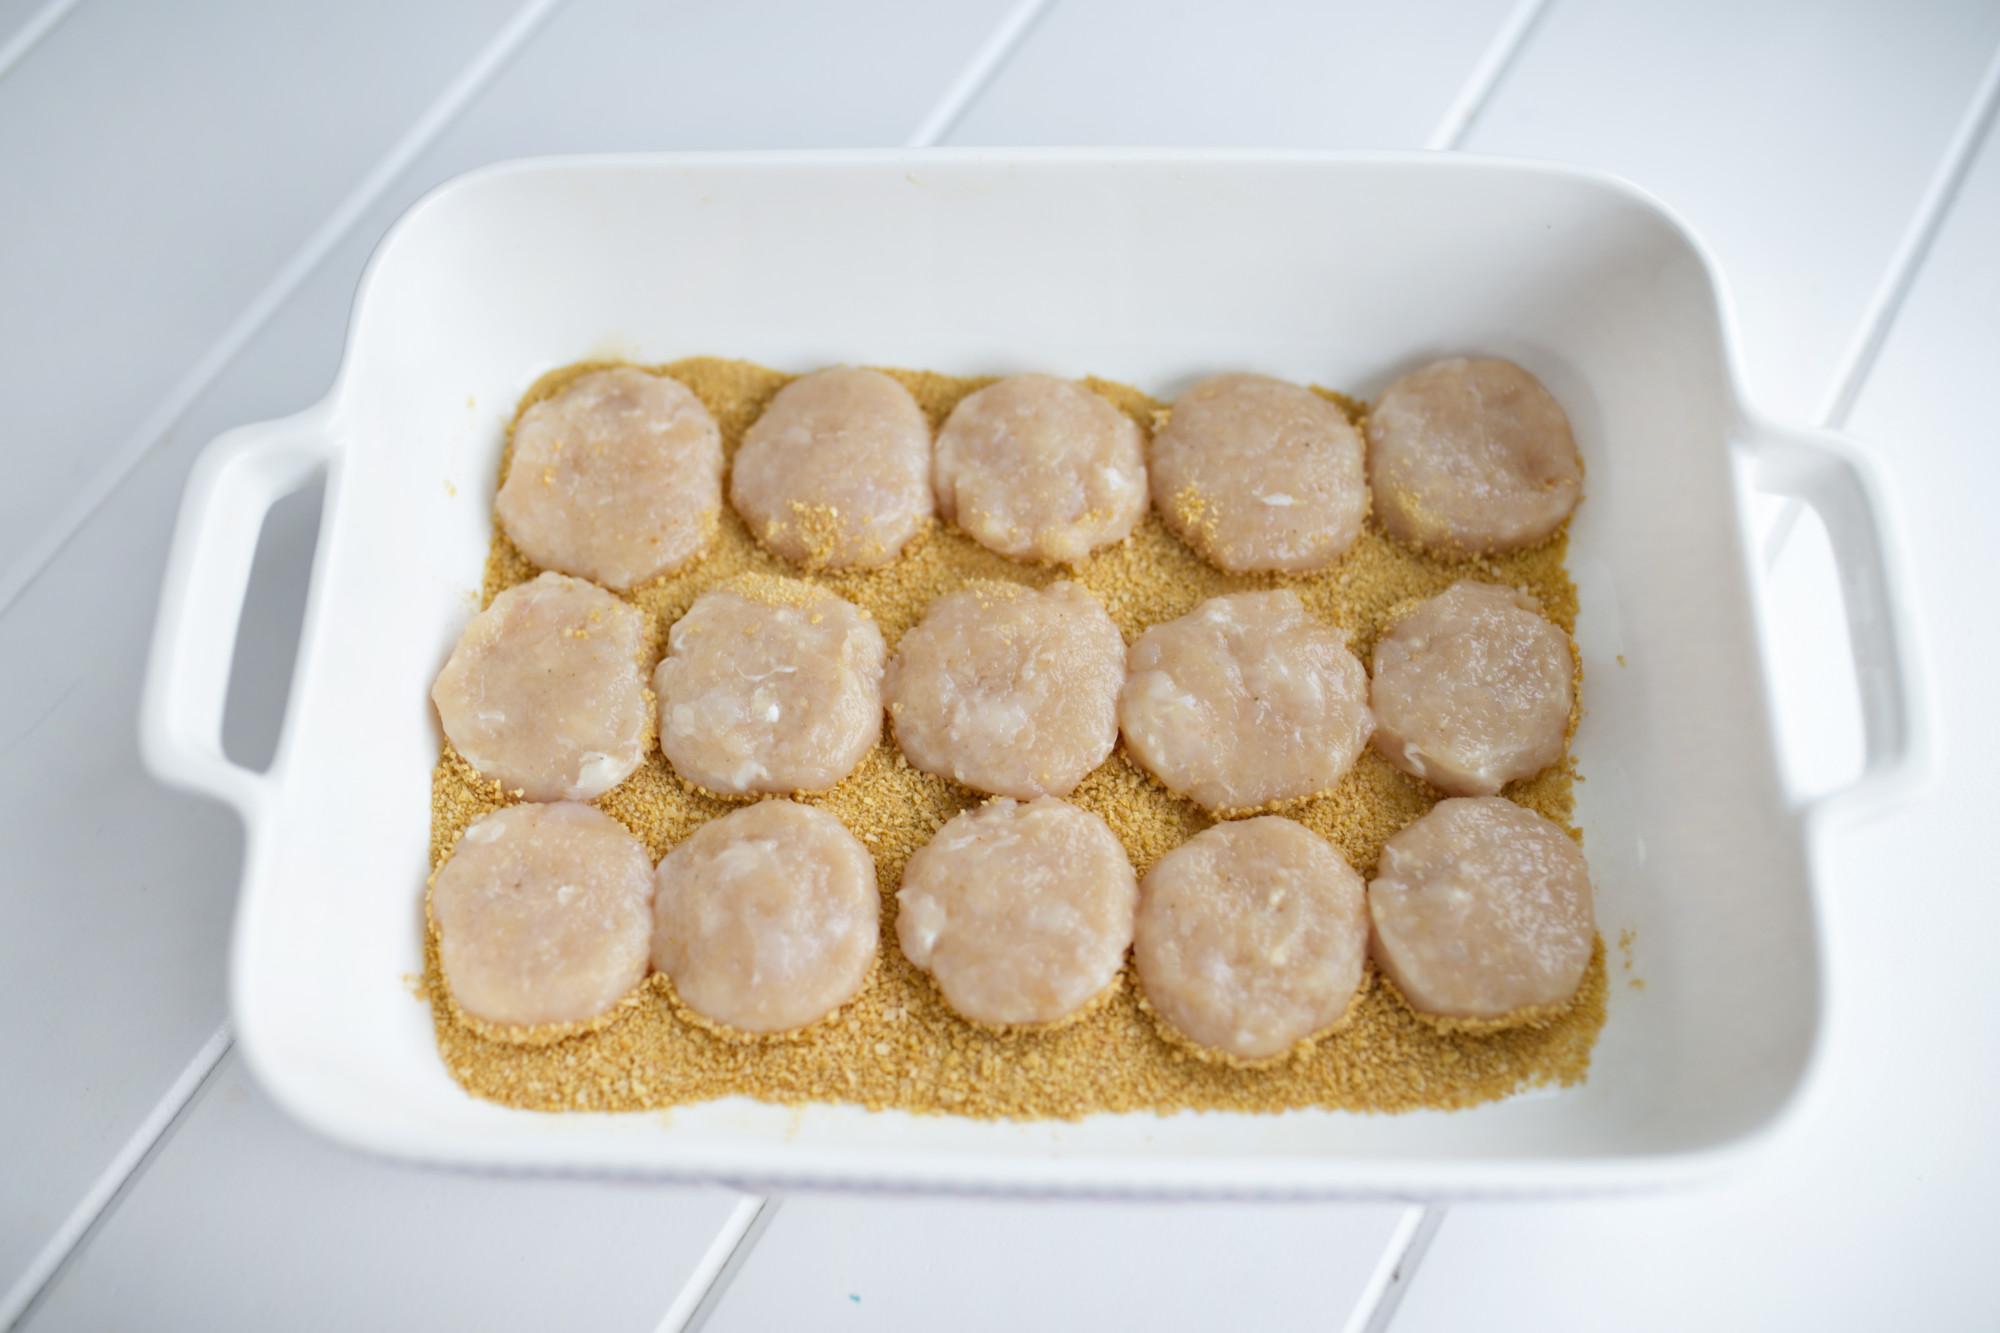 przyprawa do złotego kurczaka knorr, zdrowe chicken nuggets, zdrowe nuggetsy